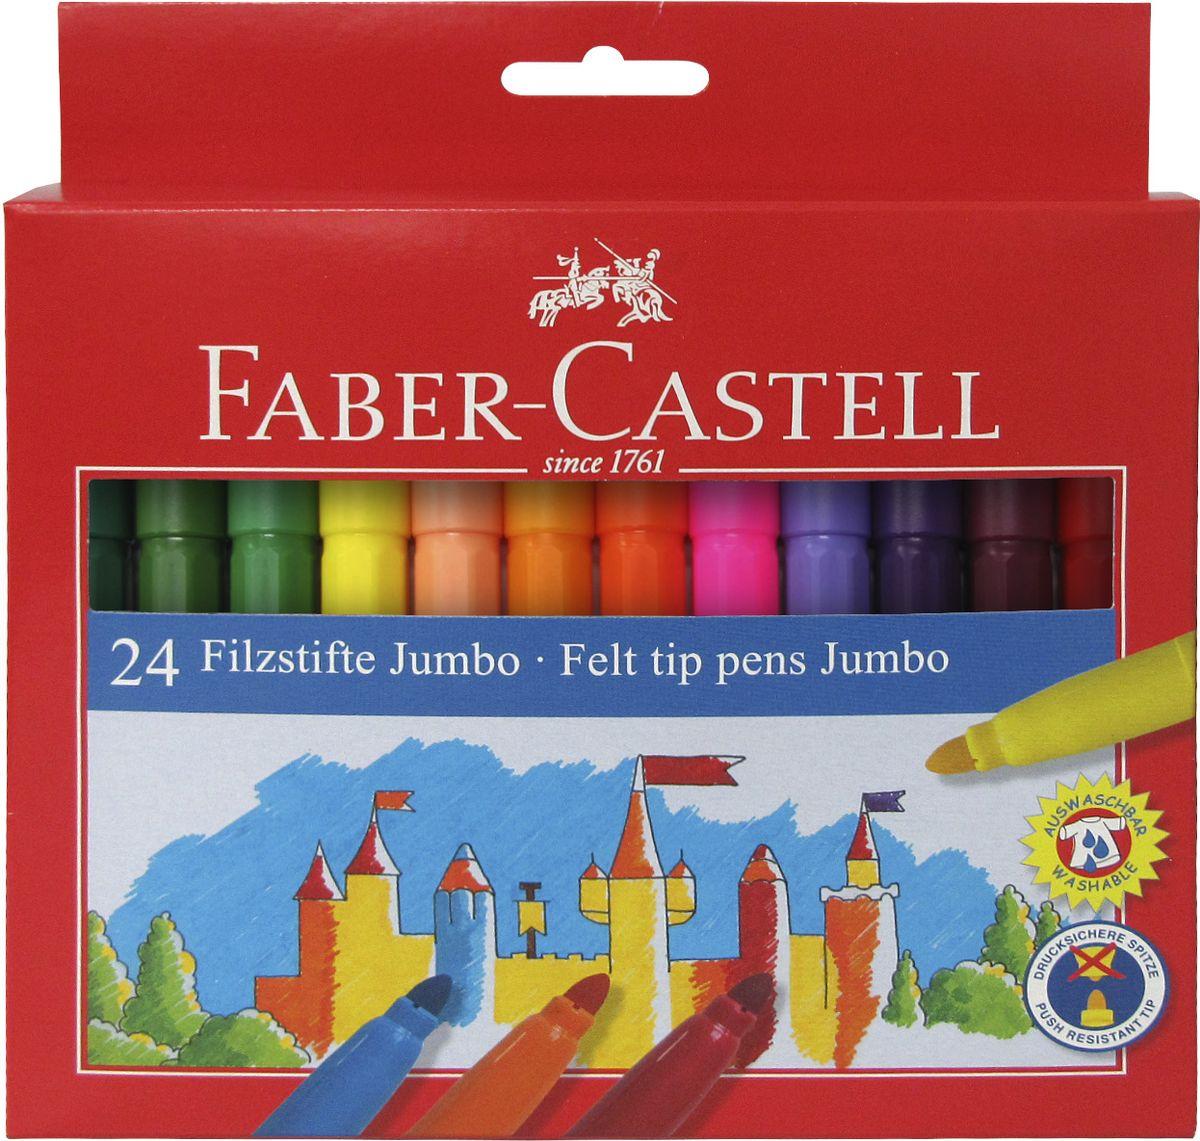 Faber-Castell Фломастеры Jumbo 24 цвета0775B001Фломастеры Faber-Castell Jumbo помогут маленькому художнику раскрыть свой творческий потенциал, рисовать и раскрашивать яркие картинки, развивая воображение, мелкую моторику и цветовосприятие. В наборе Faber-Castell Jumbo 12 разноцветных фломастеров. Корпусы выполнены из пластика. Чернила на водной основе окрашены с использованием пищевых красителей, благодаря чему они полностью безопасны для ребенка и имеют яркие, насыщенные цвета. Если маленький художник запачкался - не беда, ведь фломастеры отстирываются с большинства тканей. Вентилируемый колпачок надолго сохранит яркость цветов.Не рекомендуется детям до 3-х лет.